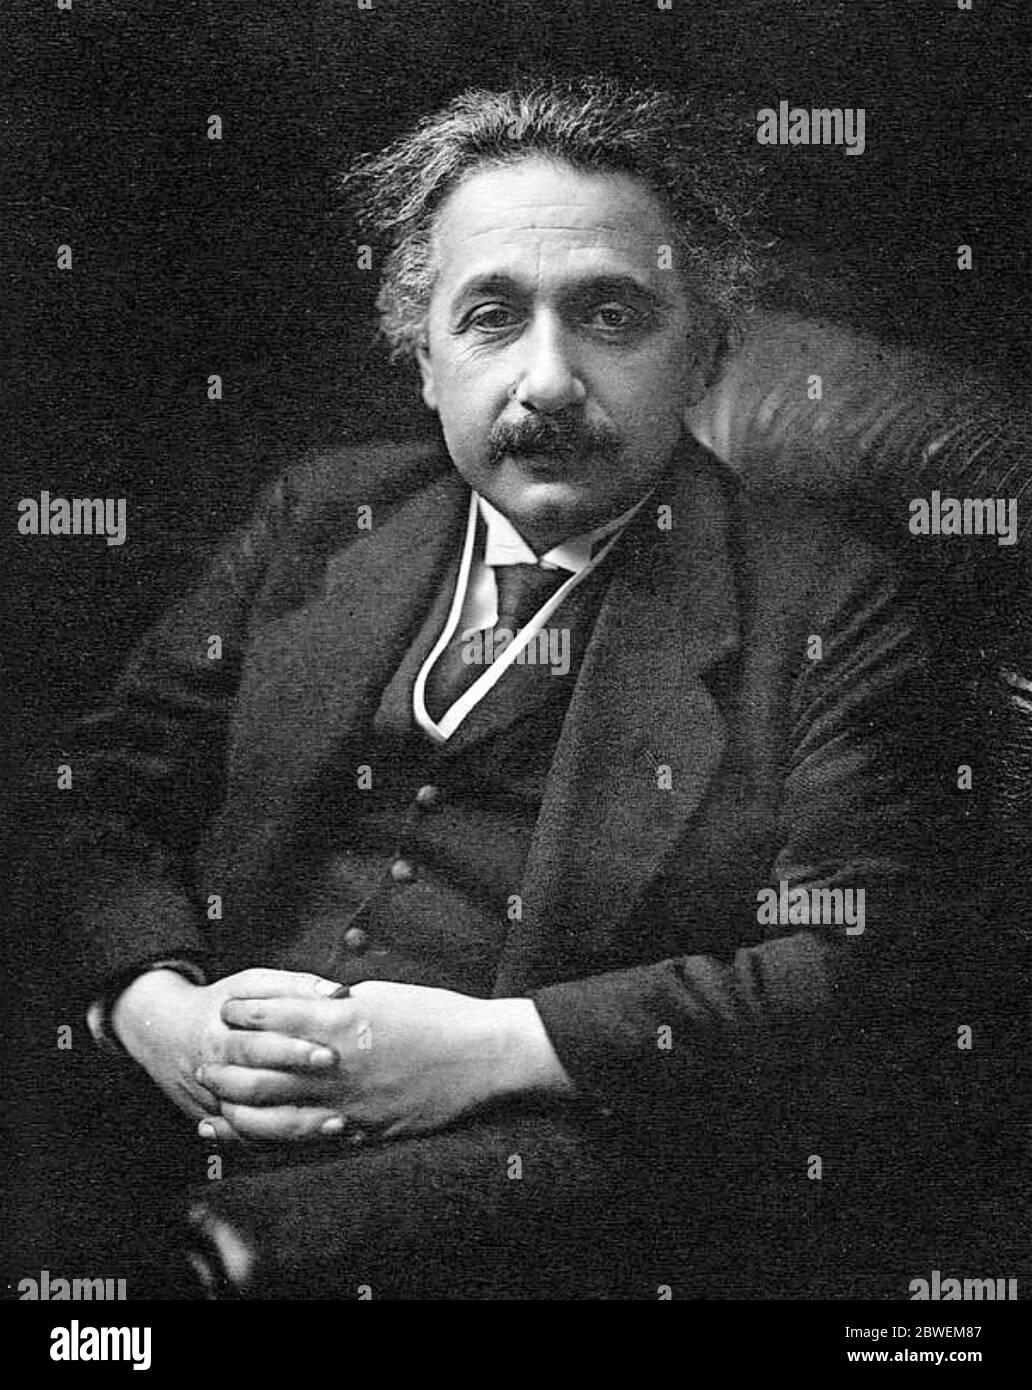 Deutschland geborene Physiker ALBERT EINSTEIN (1879-1955) Stockfoto